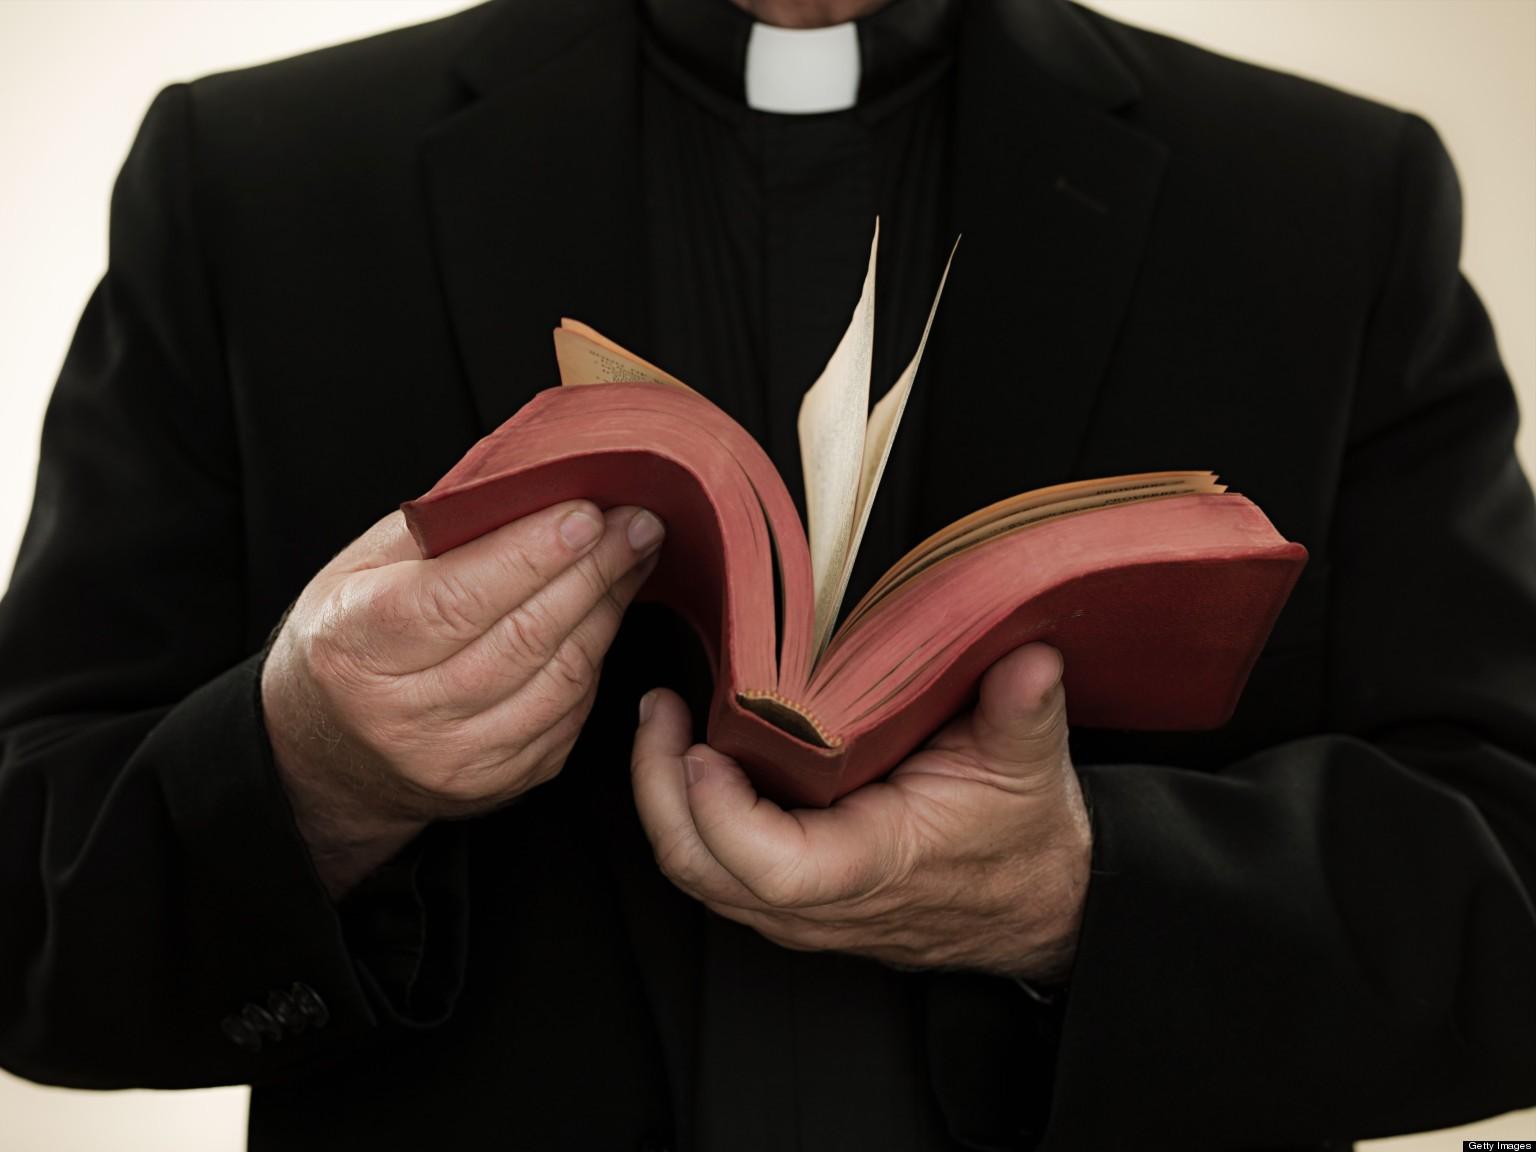 Итальянский священник наворовал напожертвованиях иблаготворительности 30 млн. евро